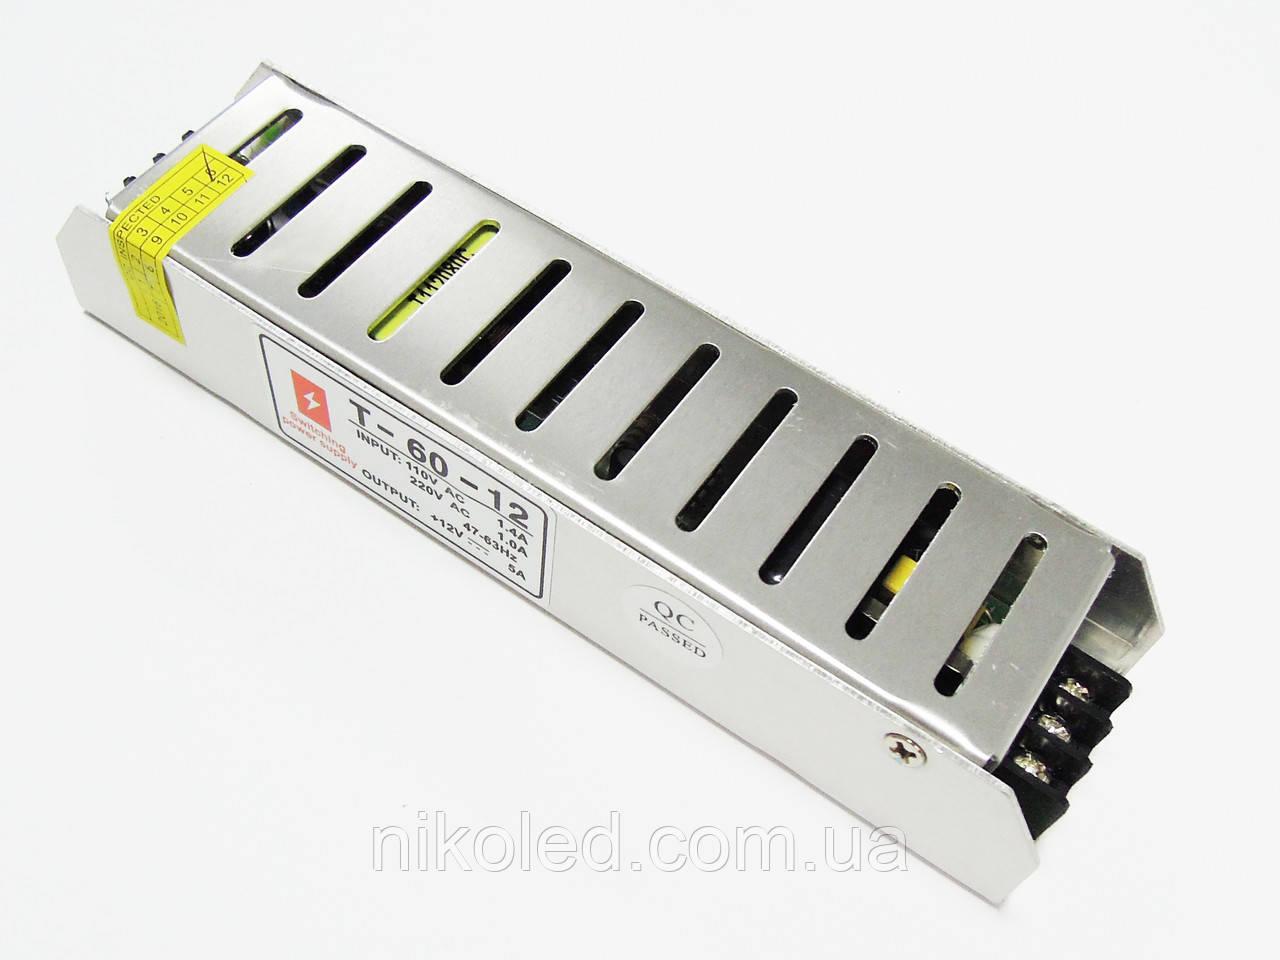 Блок питания негерм 220VAC 12VDC 5A Slim